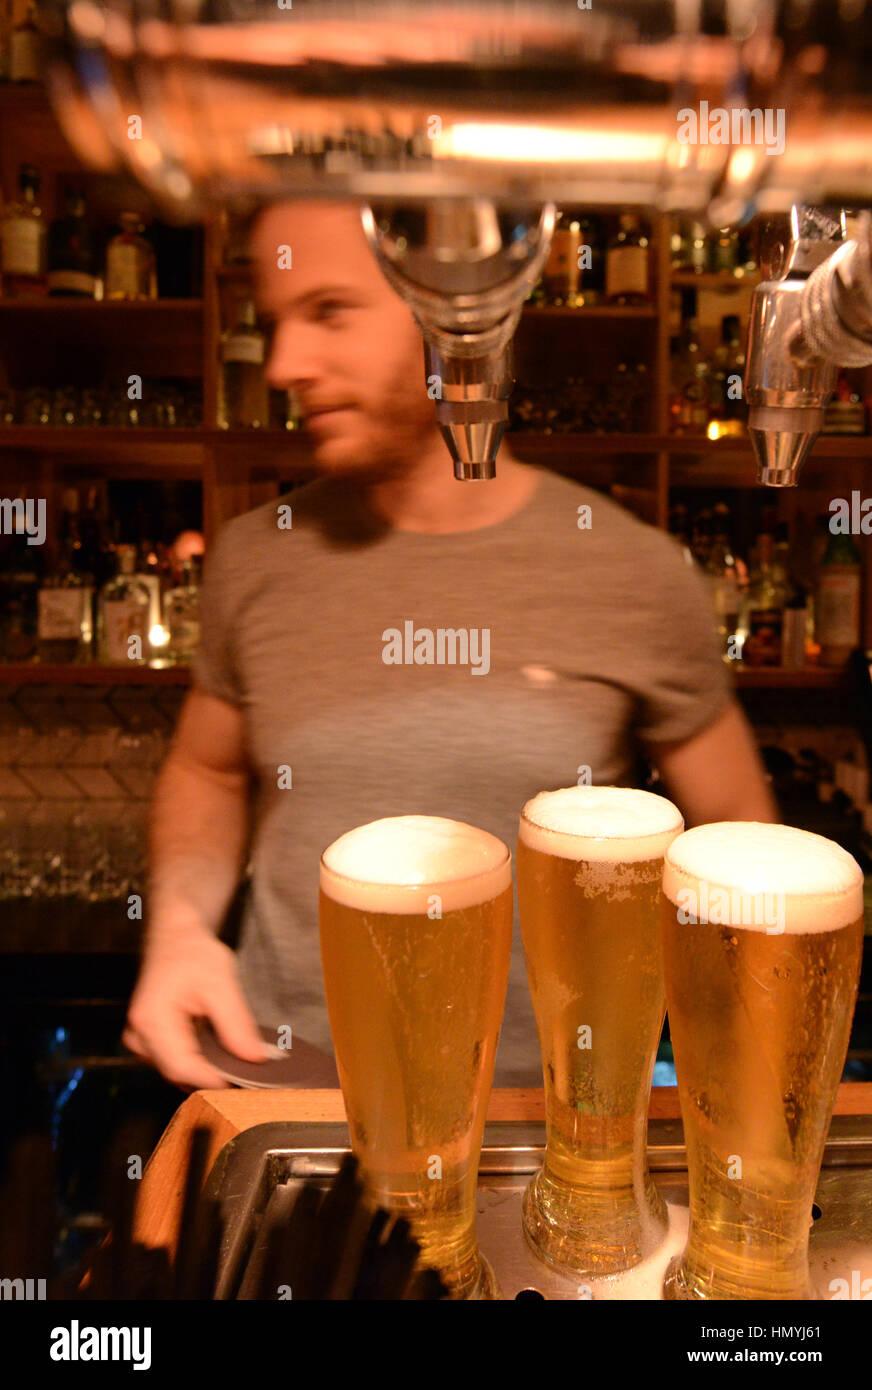 Le quartier branché cool Udaberri Pintxos Y Vino bar à Adelaide, Australie. Photo Stock